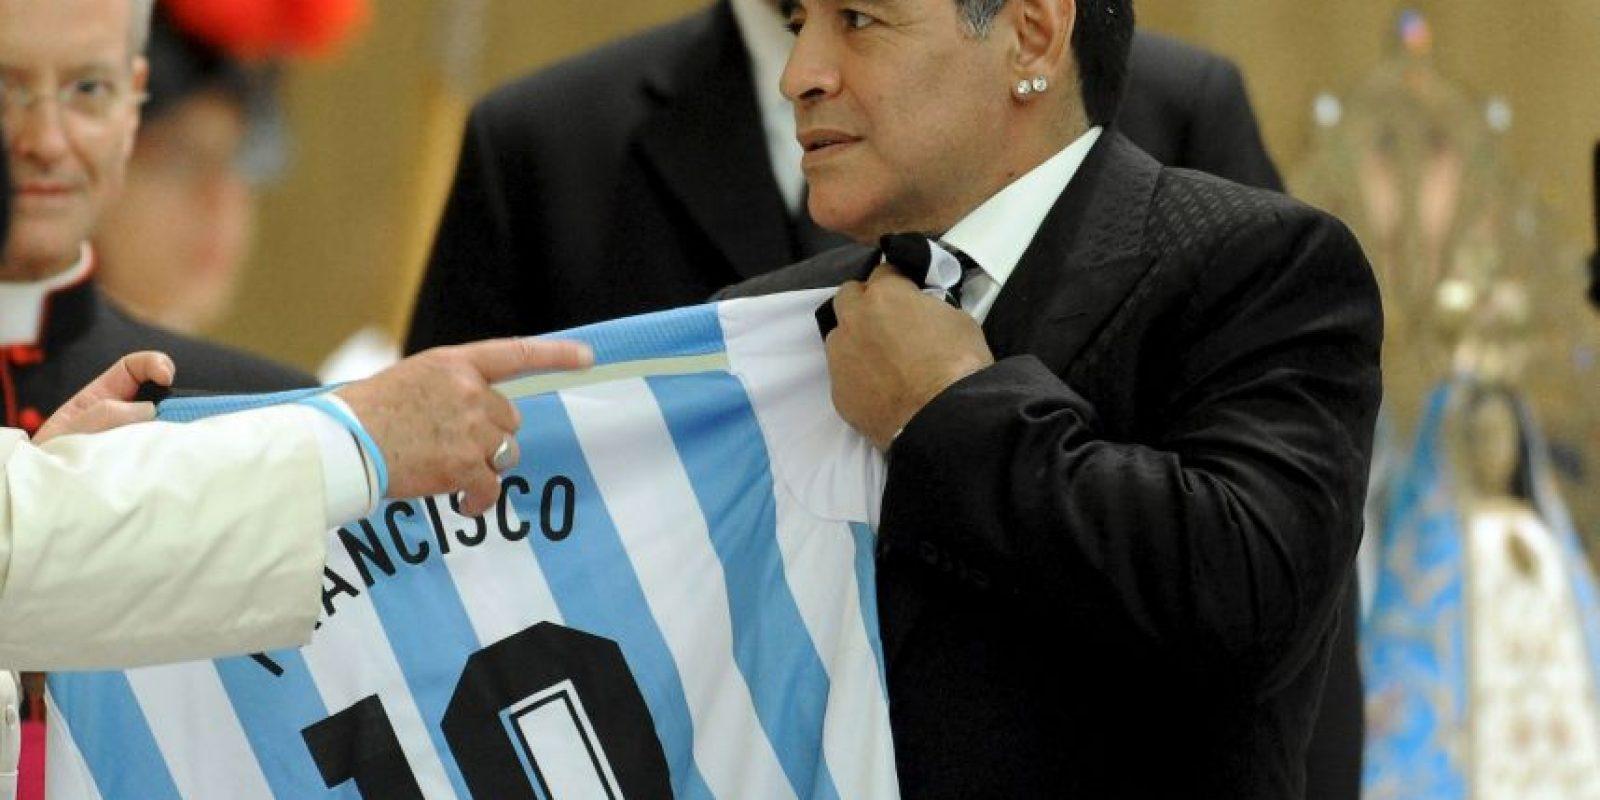 """Es el futbolista enemigo de la FIFA por excelencia. Maradona siempre ha dicho que para él, el organismo es una """"mafia corrupta"""" y """"antidemocrática"""", por supuesto, también ha expresado su desagrado por Blatter. Foto:Getty Images"""